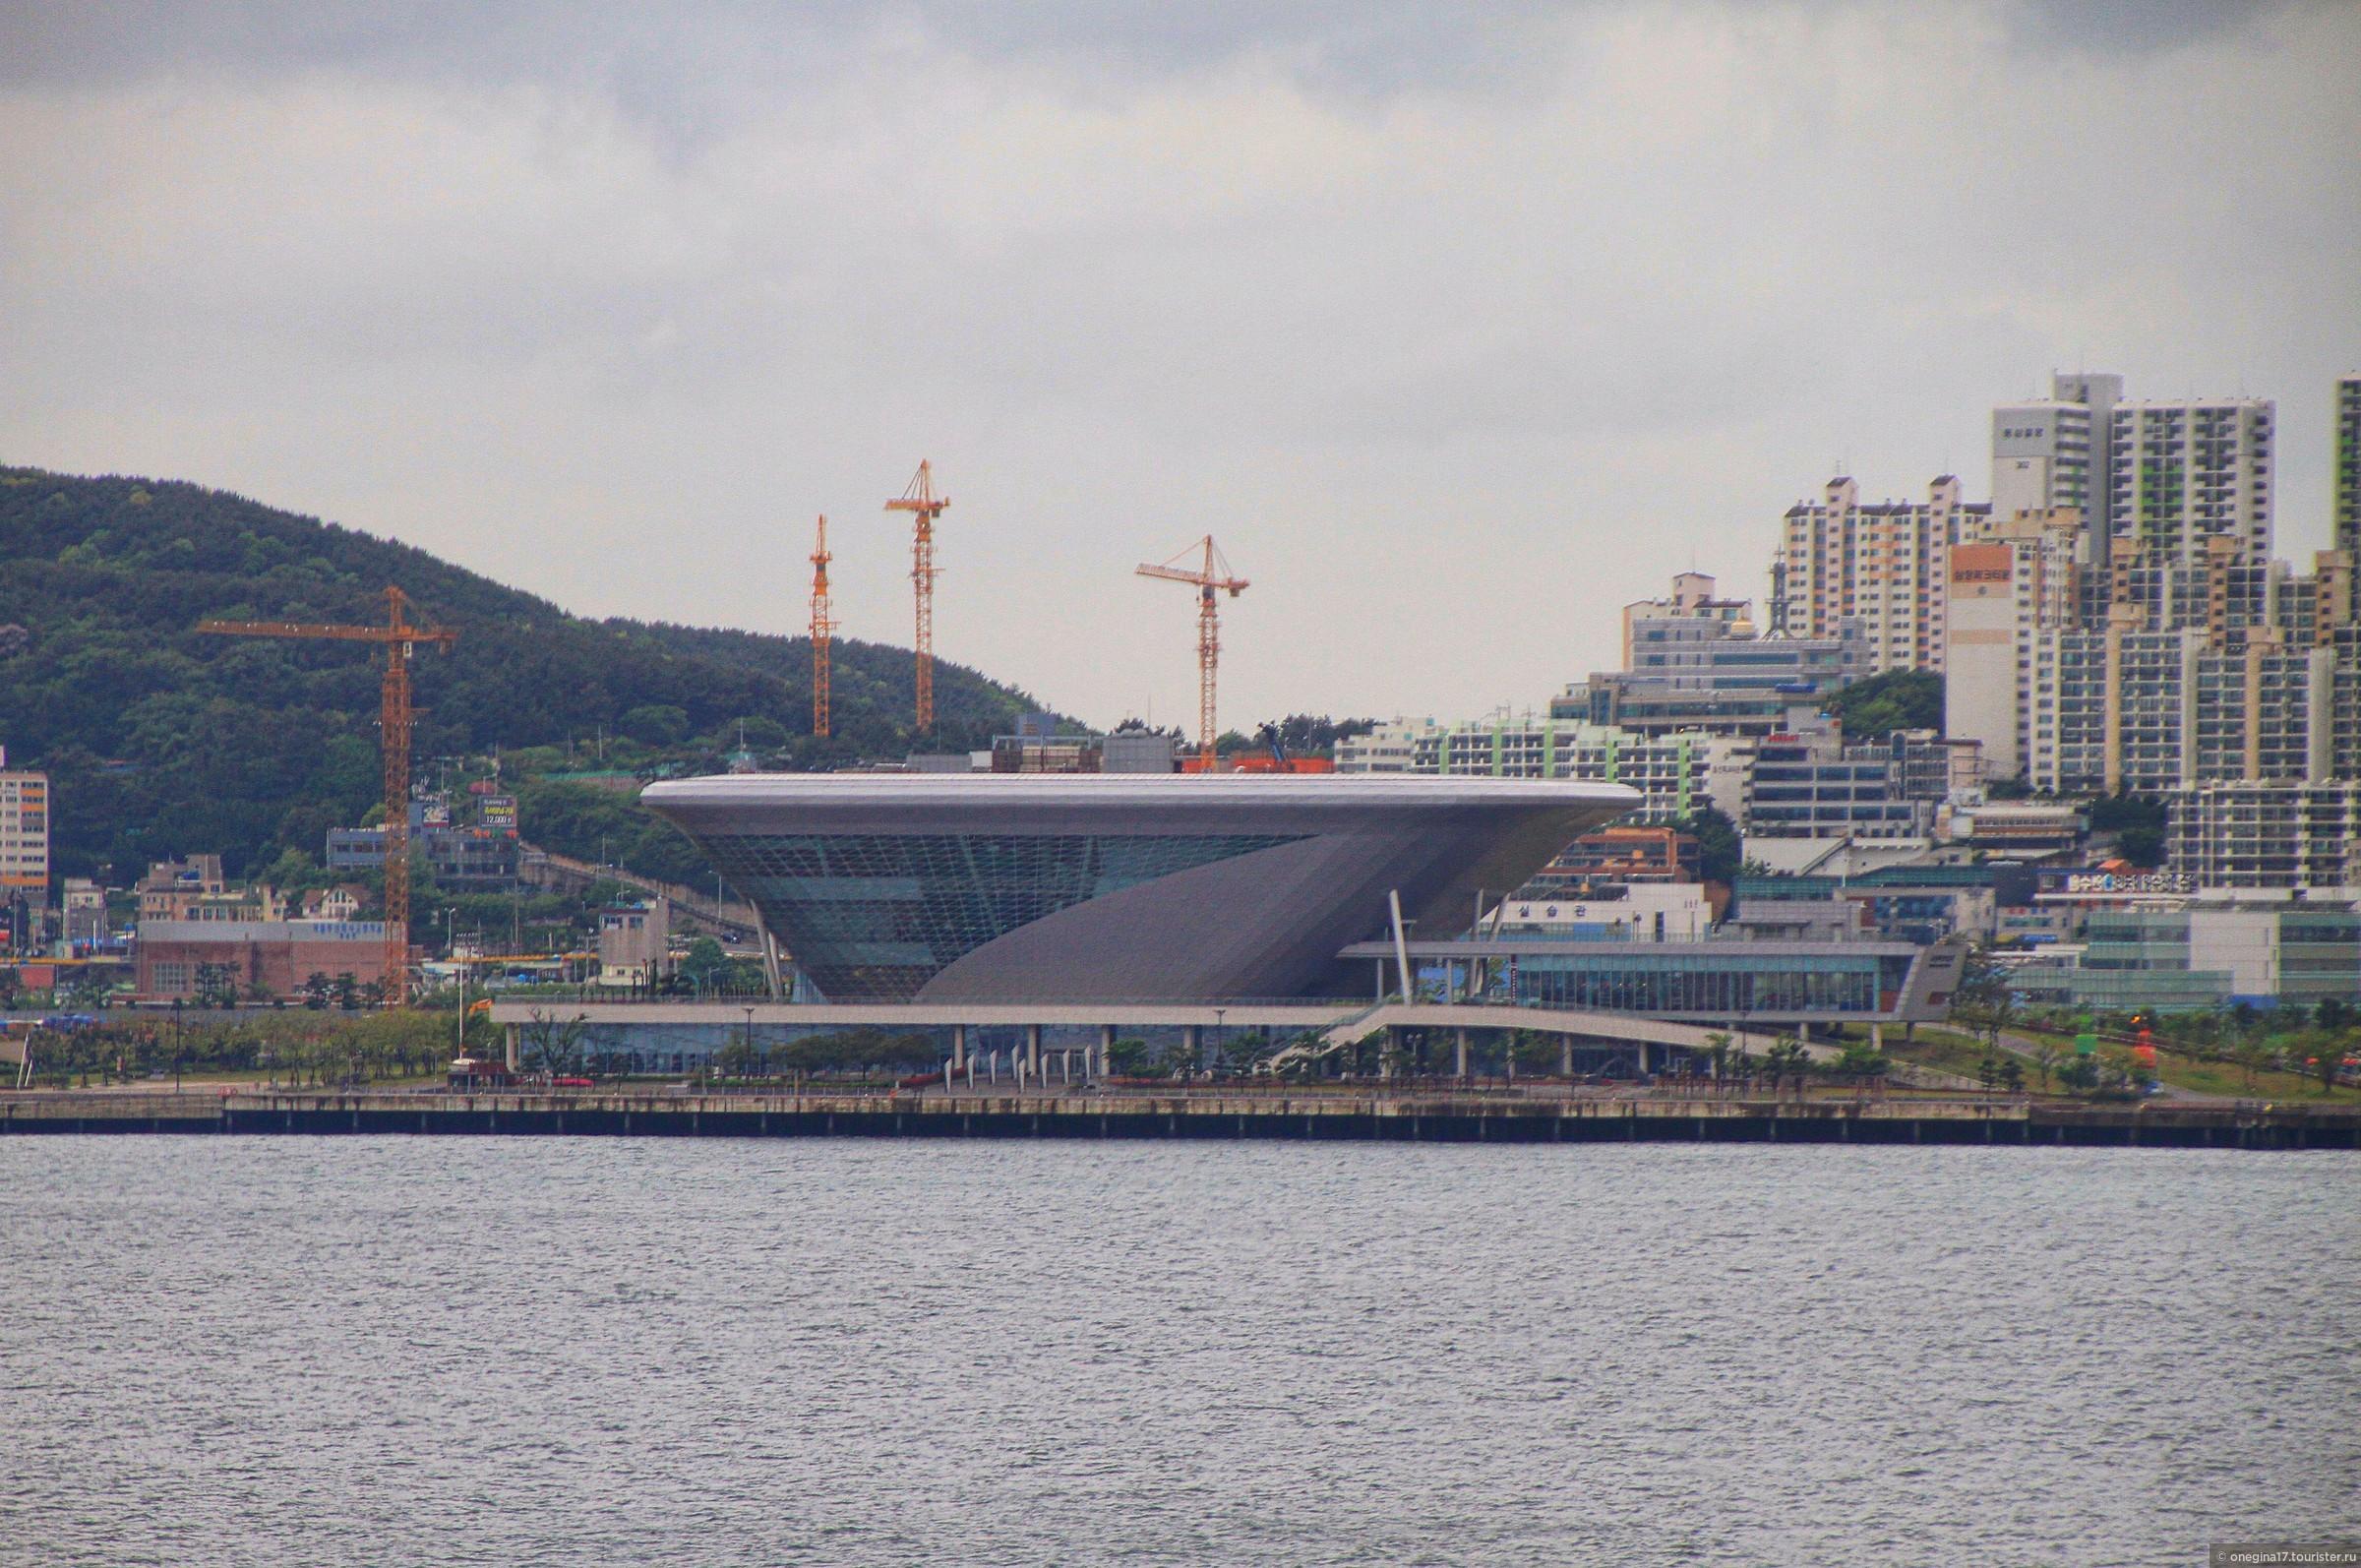 """Даже шикарный круизный терминал, сделавший Пусан """"морской столицей"""" Южной Кореи остался неувиденным. Правда, уже не по нашей вине..., Пусан. Дождь и немножко грусти..."""